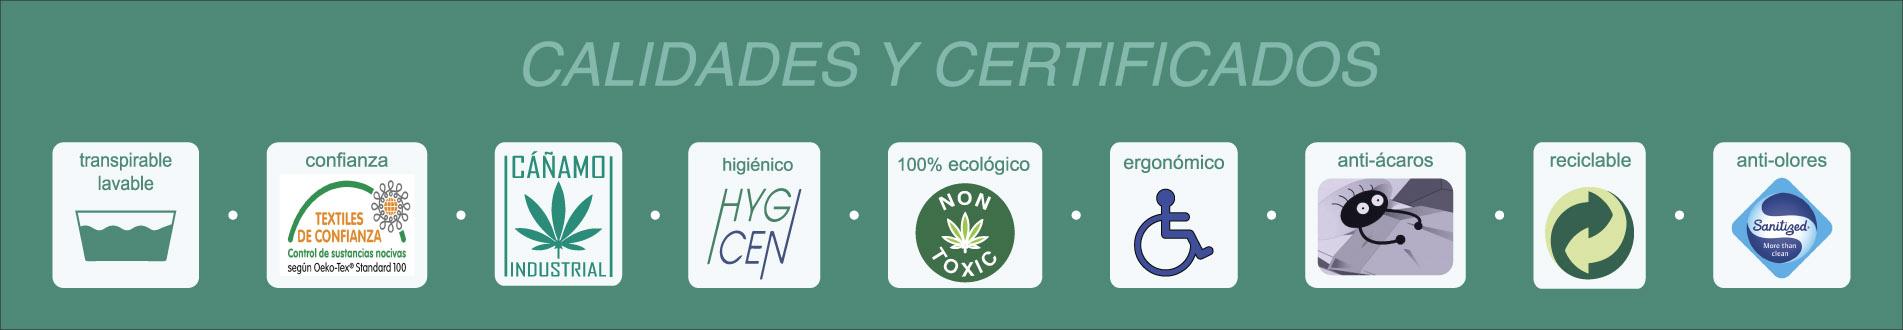 calidades y certificados cannarelax